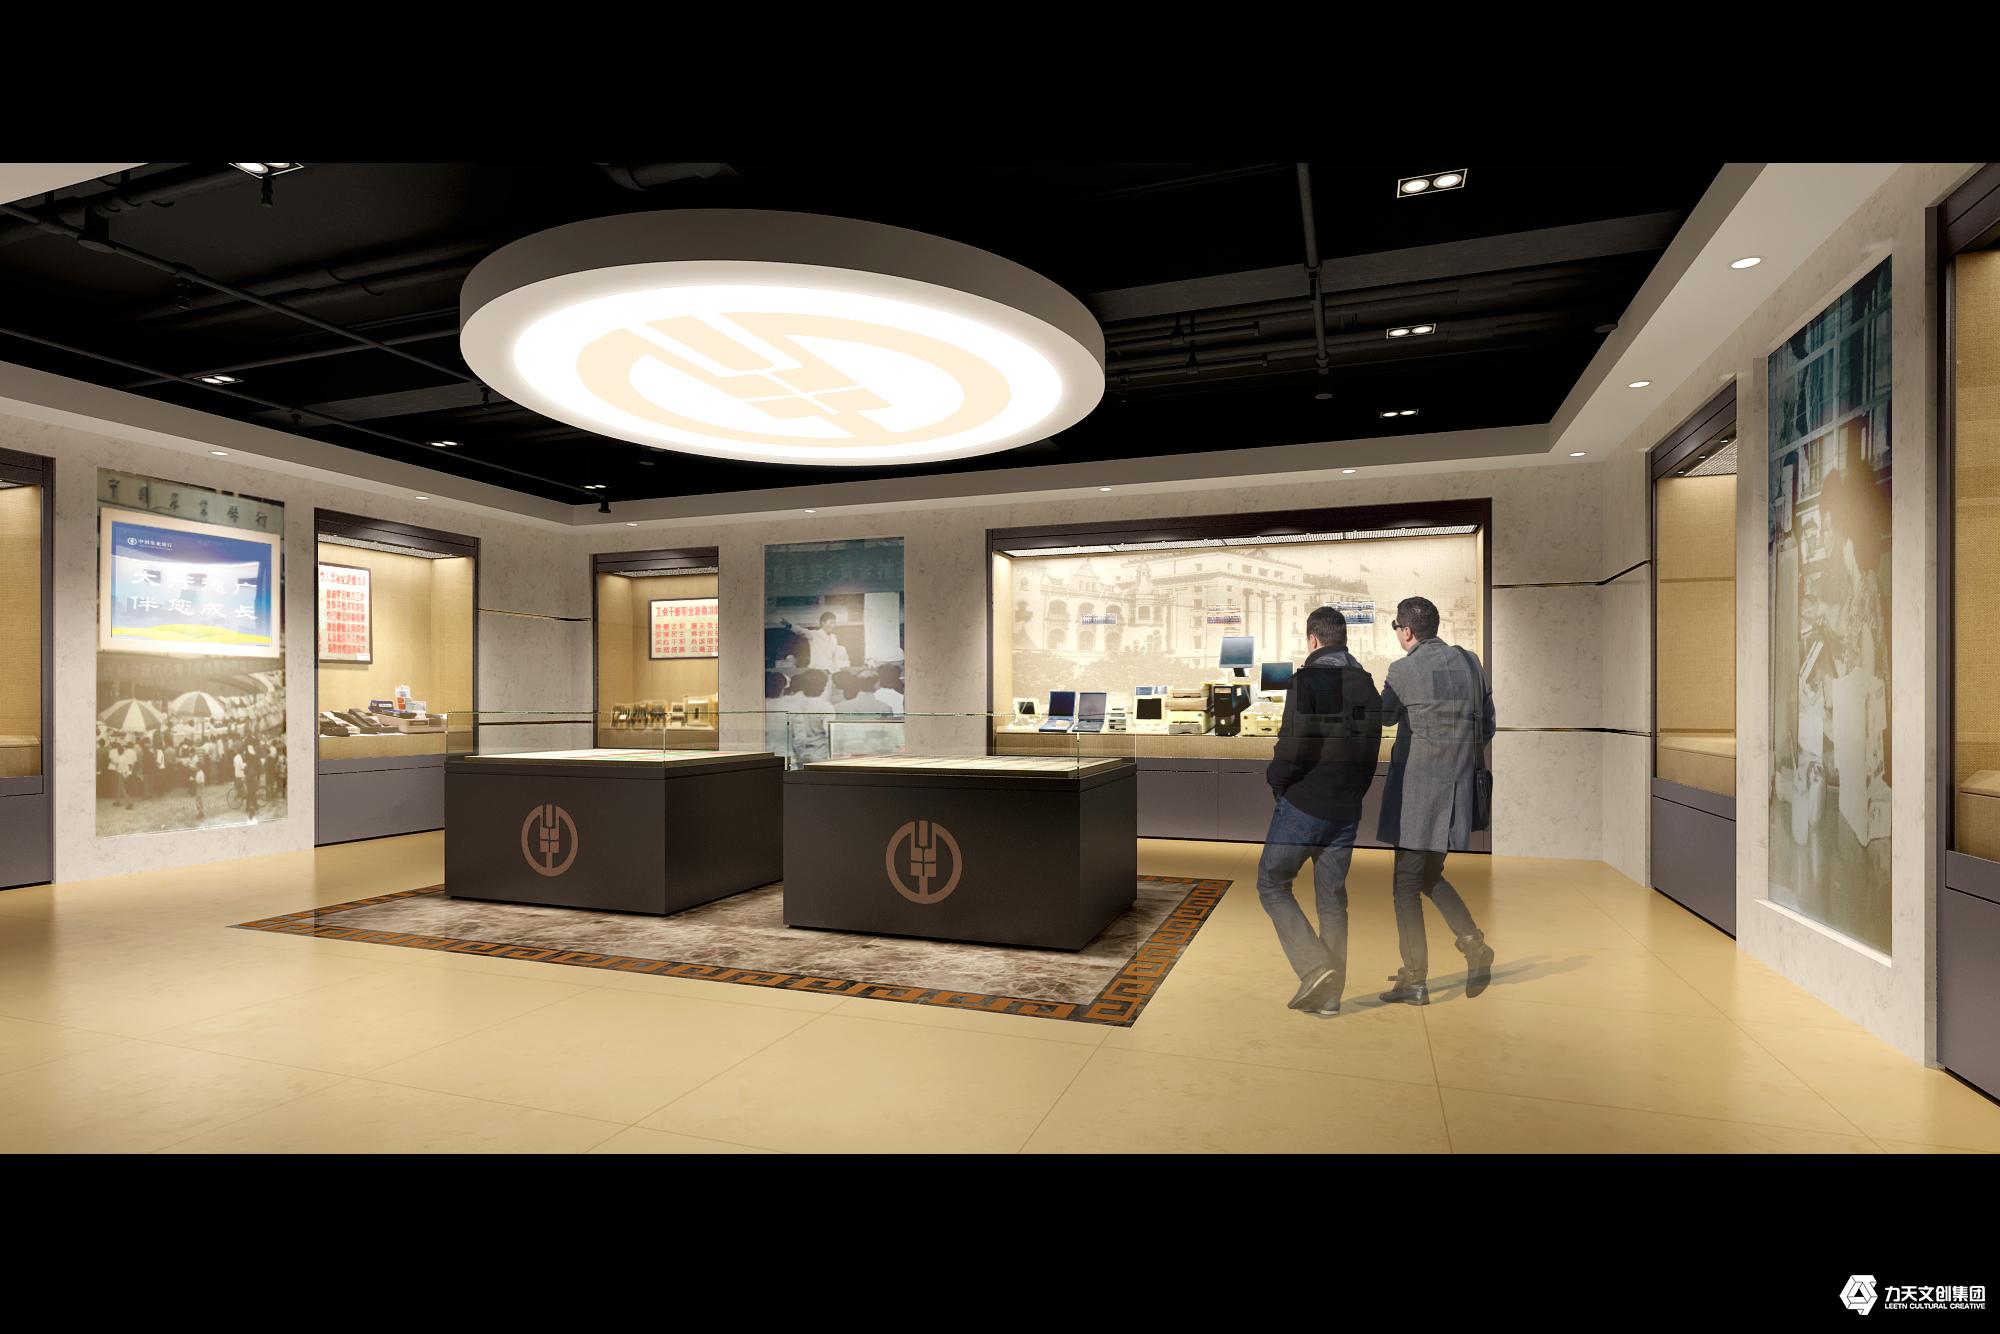 中国农业银行广州分行行史馆   电子LED触摸屏   互动体验设施 多媒体展示